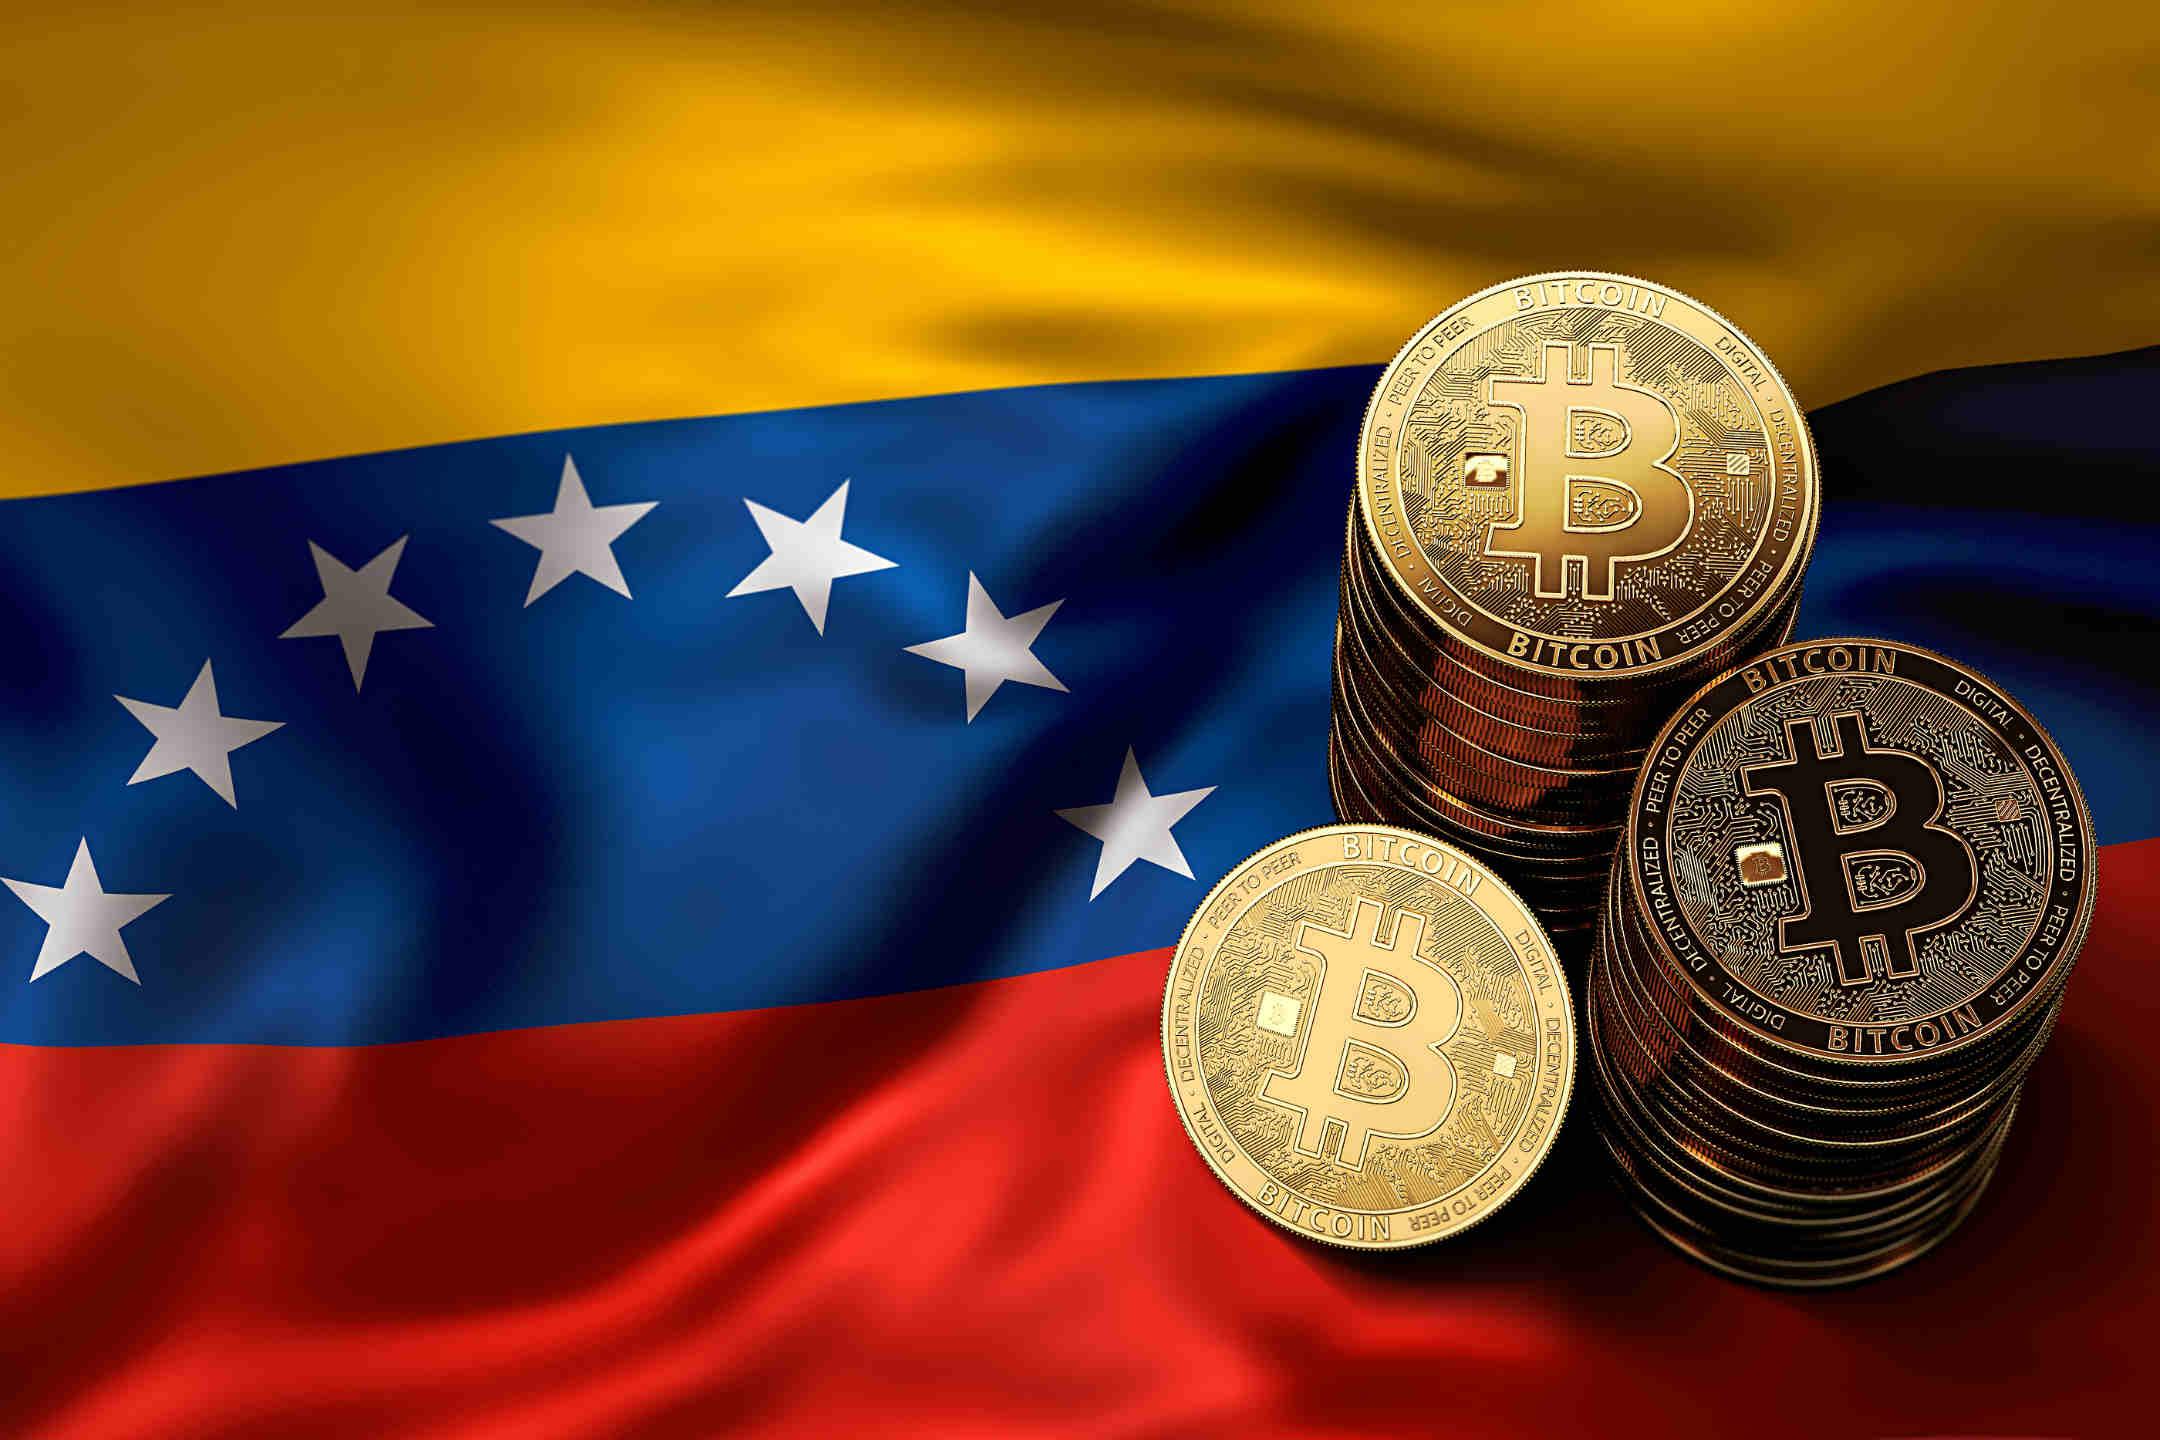 فنزويلا تدمج محافظ البيتكوين و اللايت كوين في منصة حكومية لتبادل العملات الرقمية